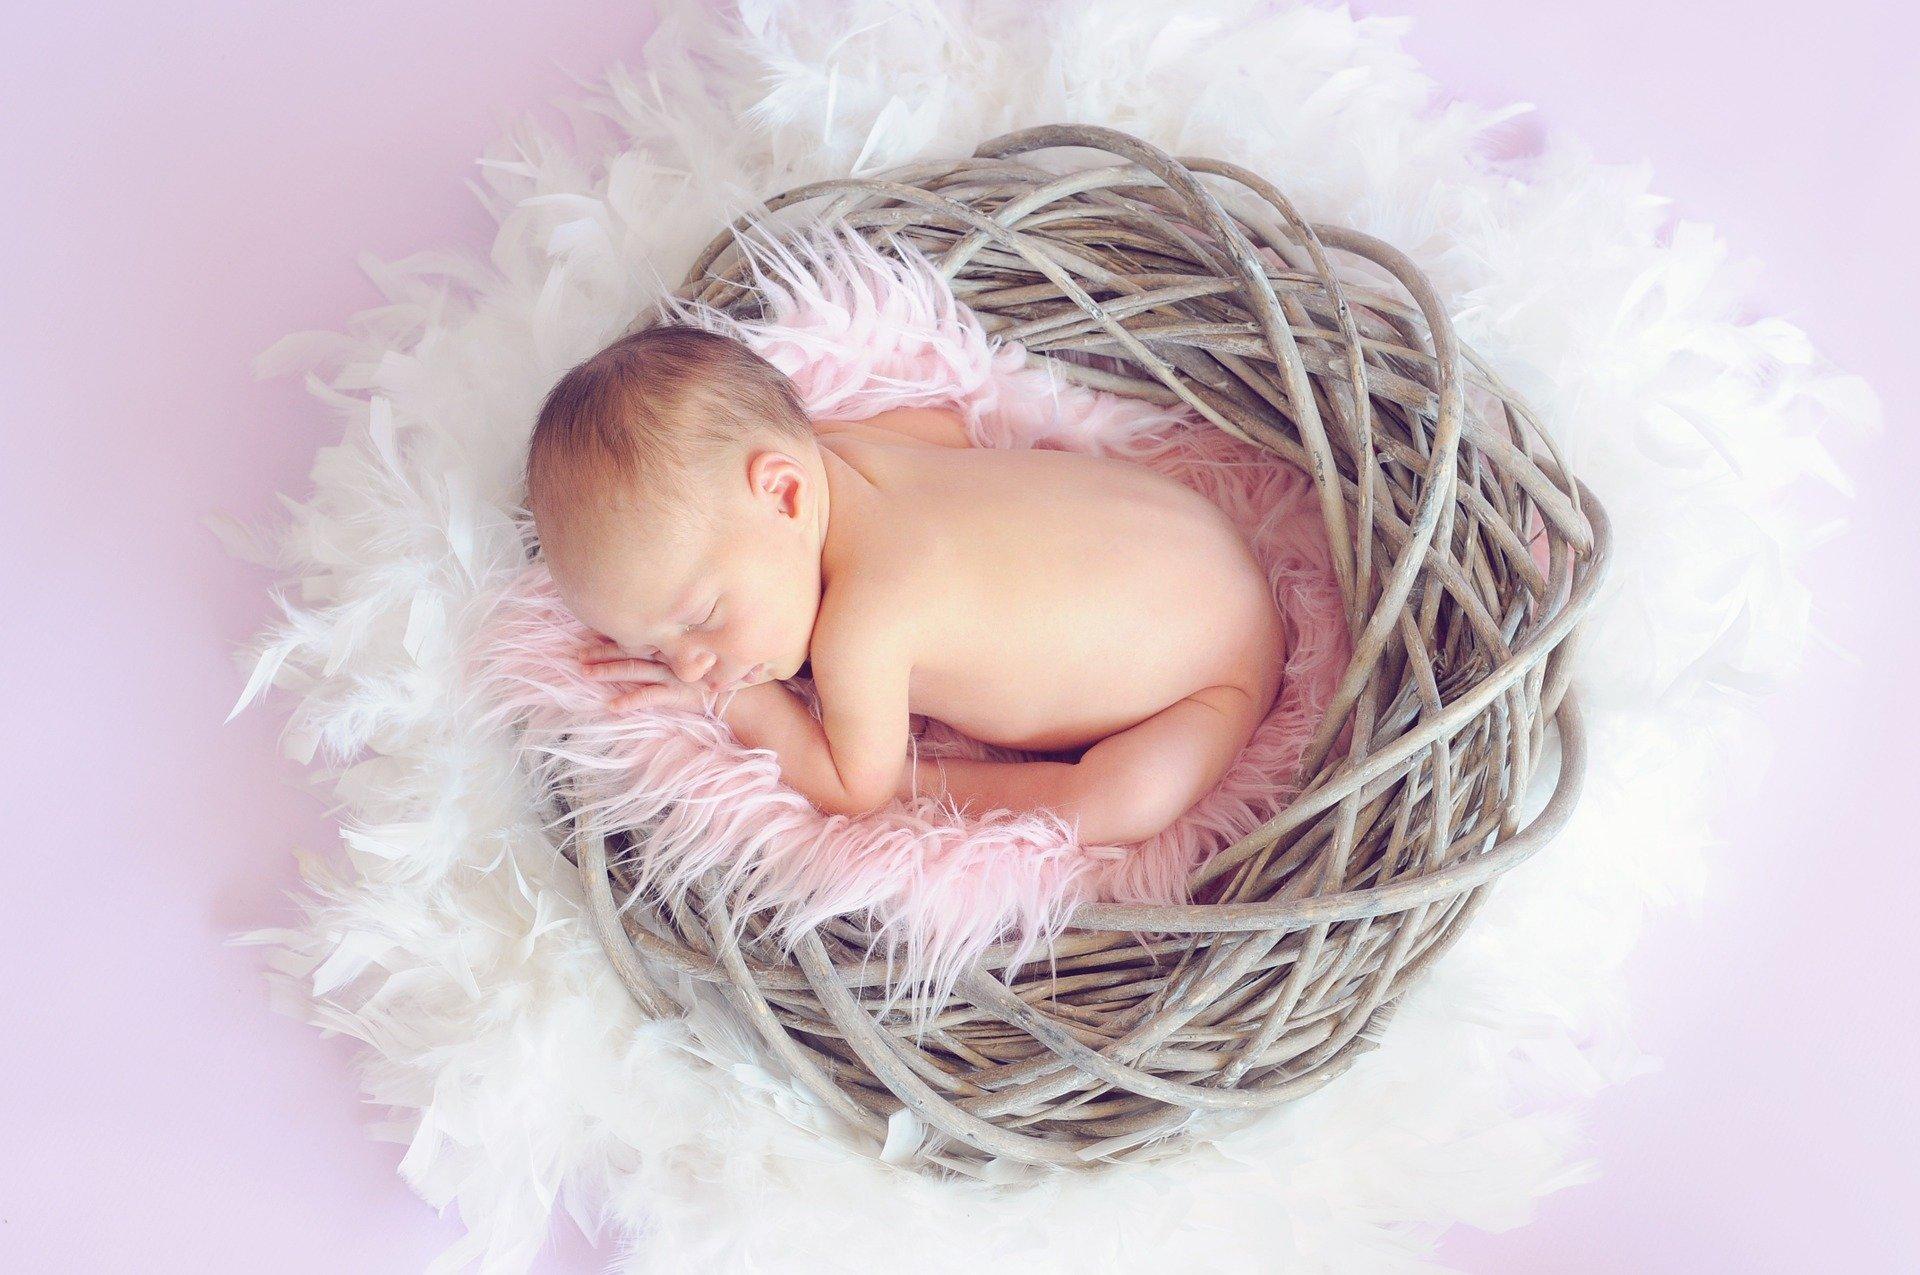 Comment trouver un bon photographe pour une séance photo bébé ? 13